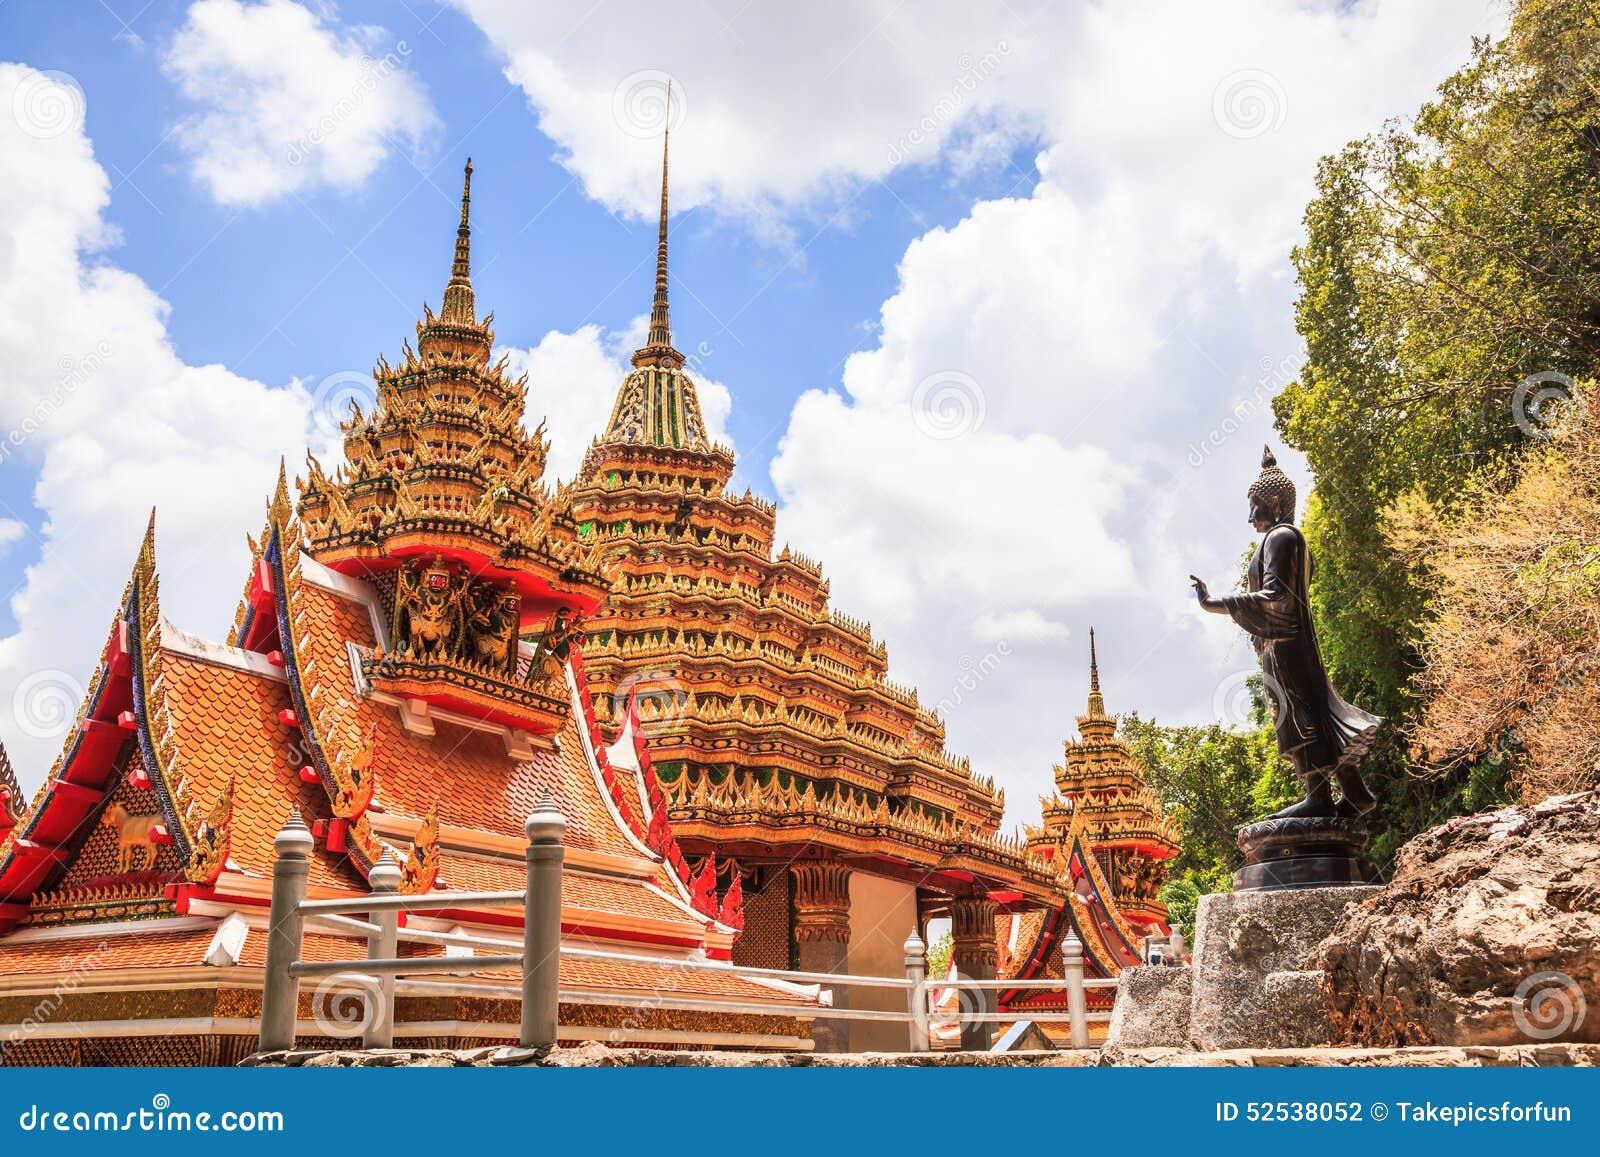 Standing Buddha Statue Stock Photo - Image: 52538052